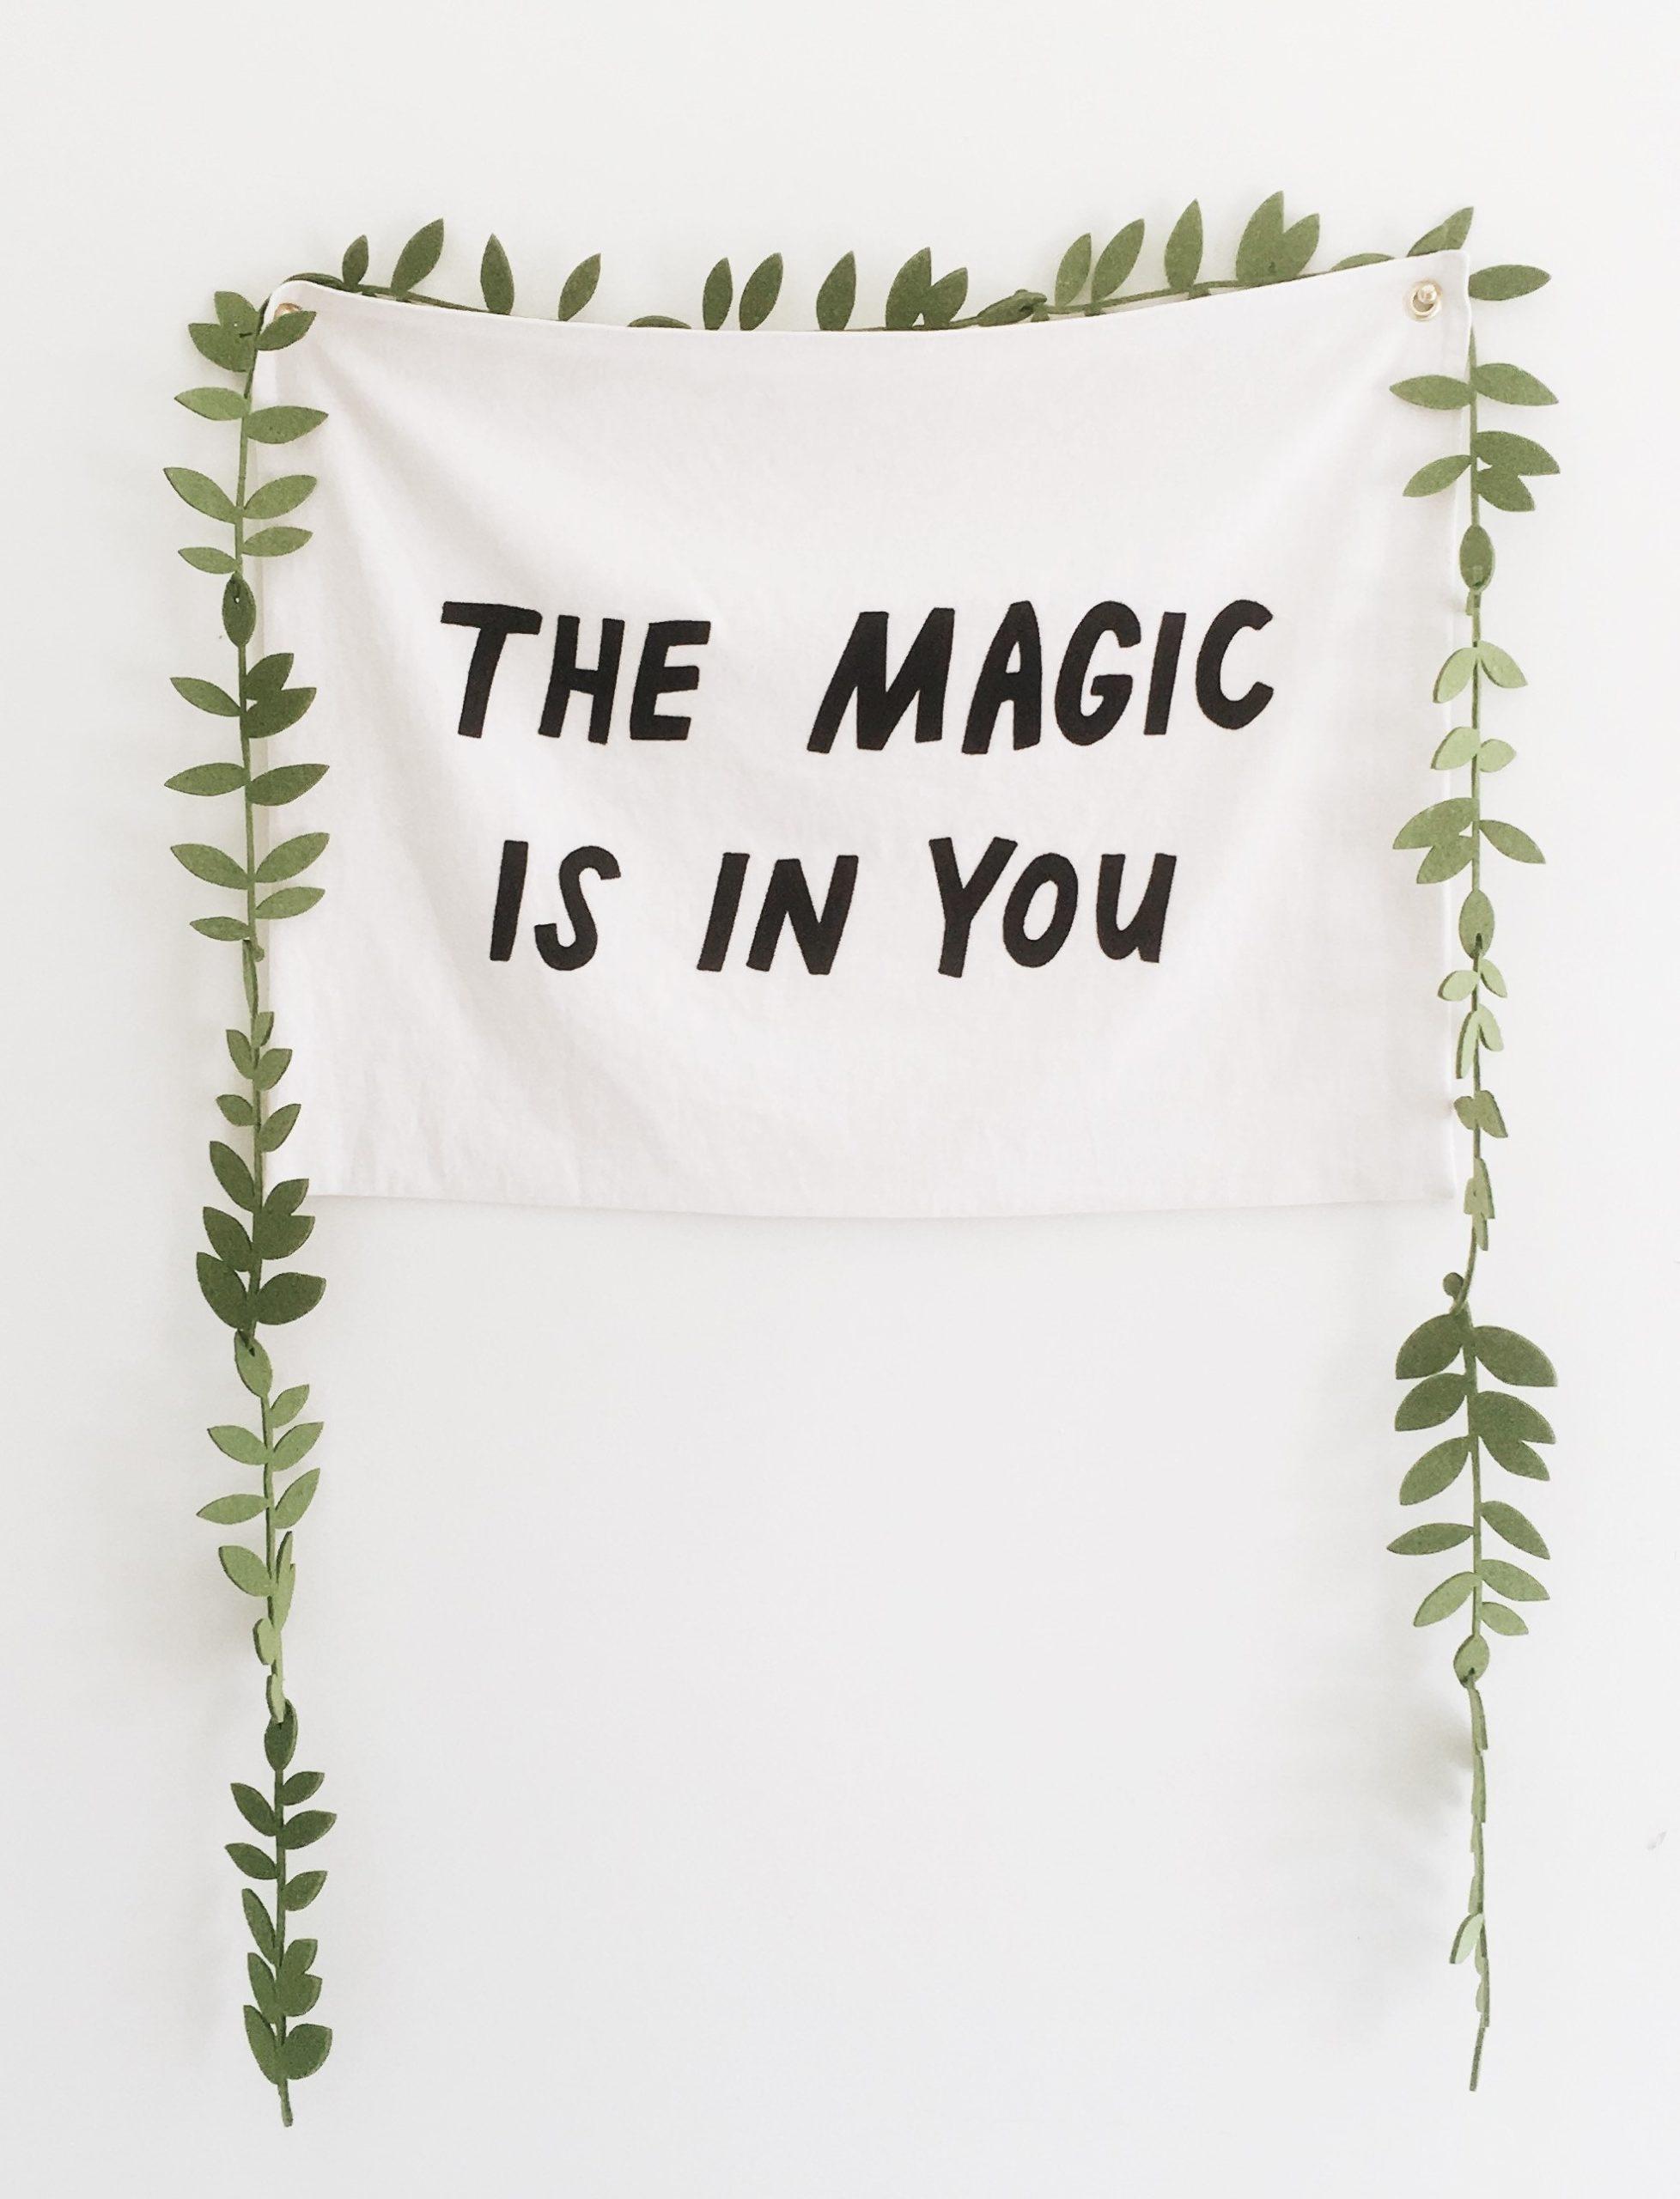 魔法はあなたの中にある